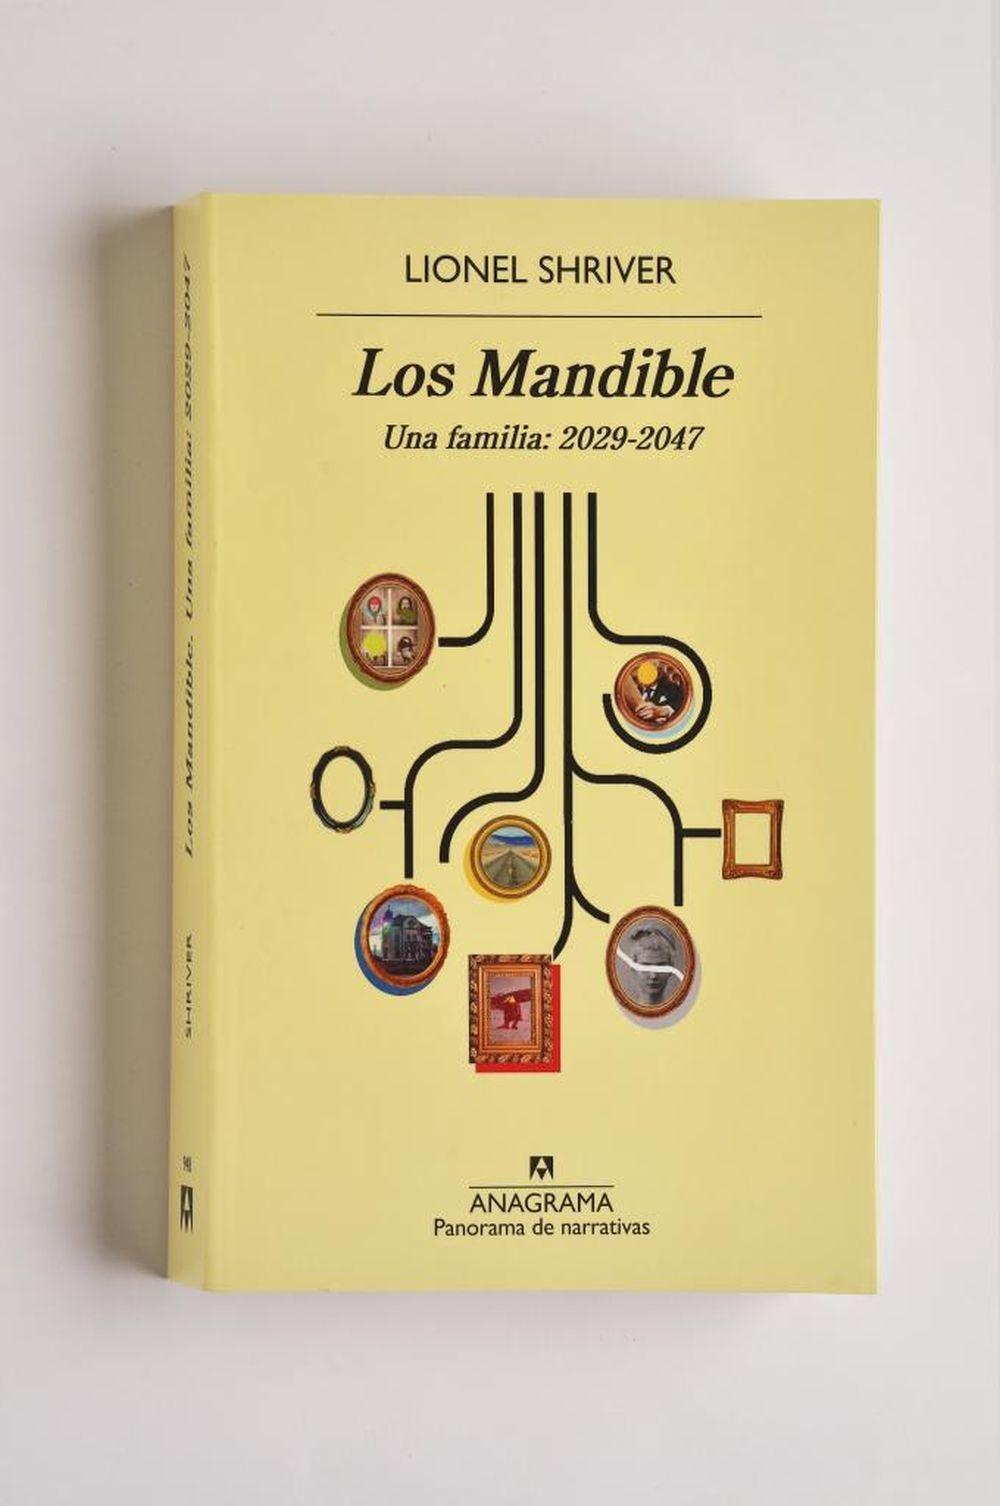 'Los Mandible', Lionel Shriver